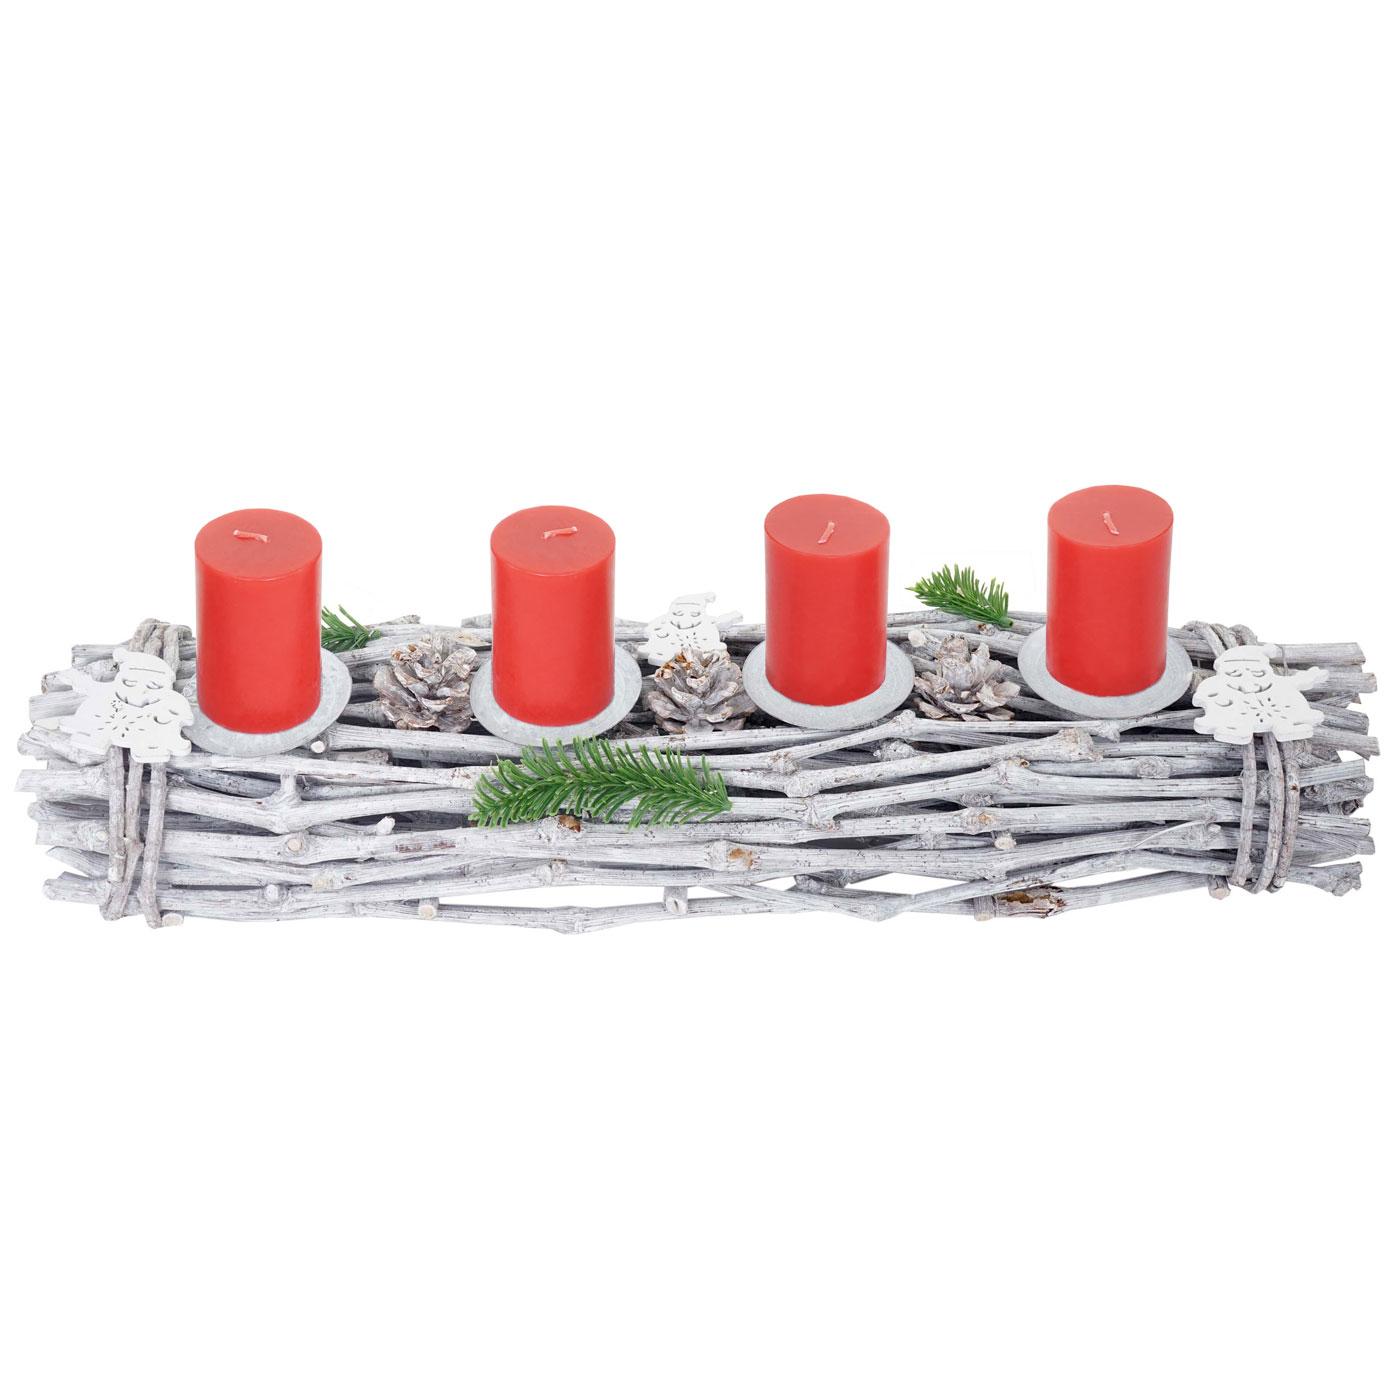 adventskranz l nglich weihnachtsdeko adventsgesteck holz 60x16x9cm wei grau mit kerzen rot. Black Bedroom Furniture Sets. Home Design Ideas